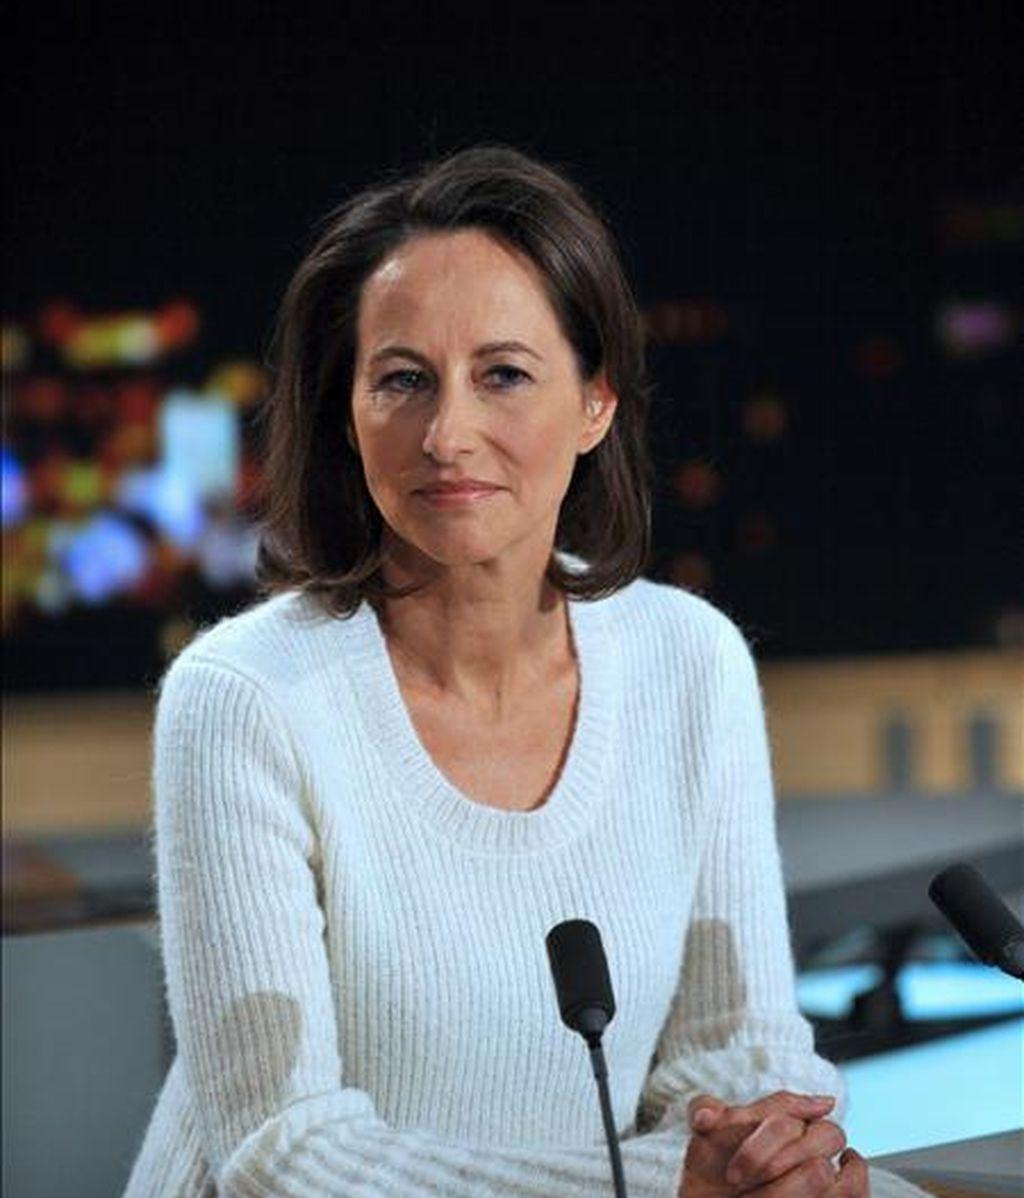 La ex candidata socialista a la presidencia de Francia Segolene Royal en noviembre pasado en el set del noticiero de la cadena de televisión TF1. EFE/Archivo